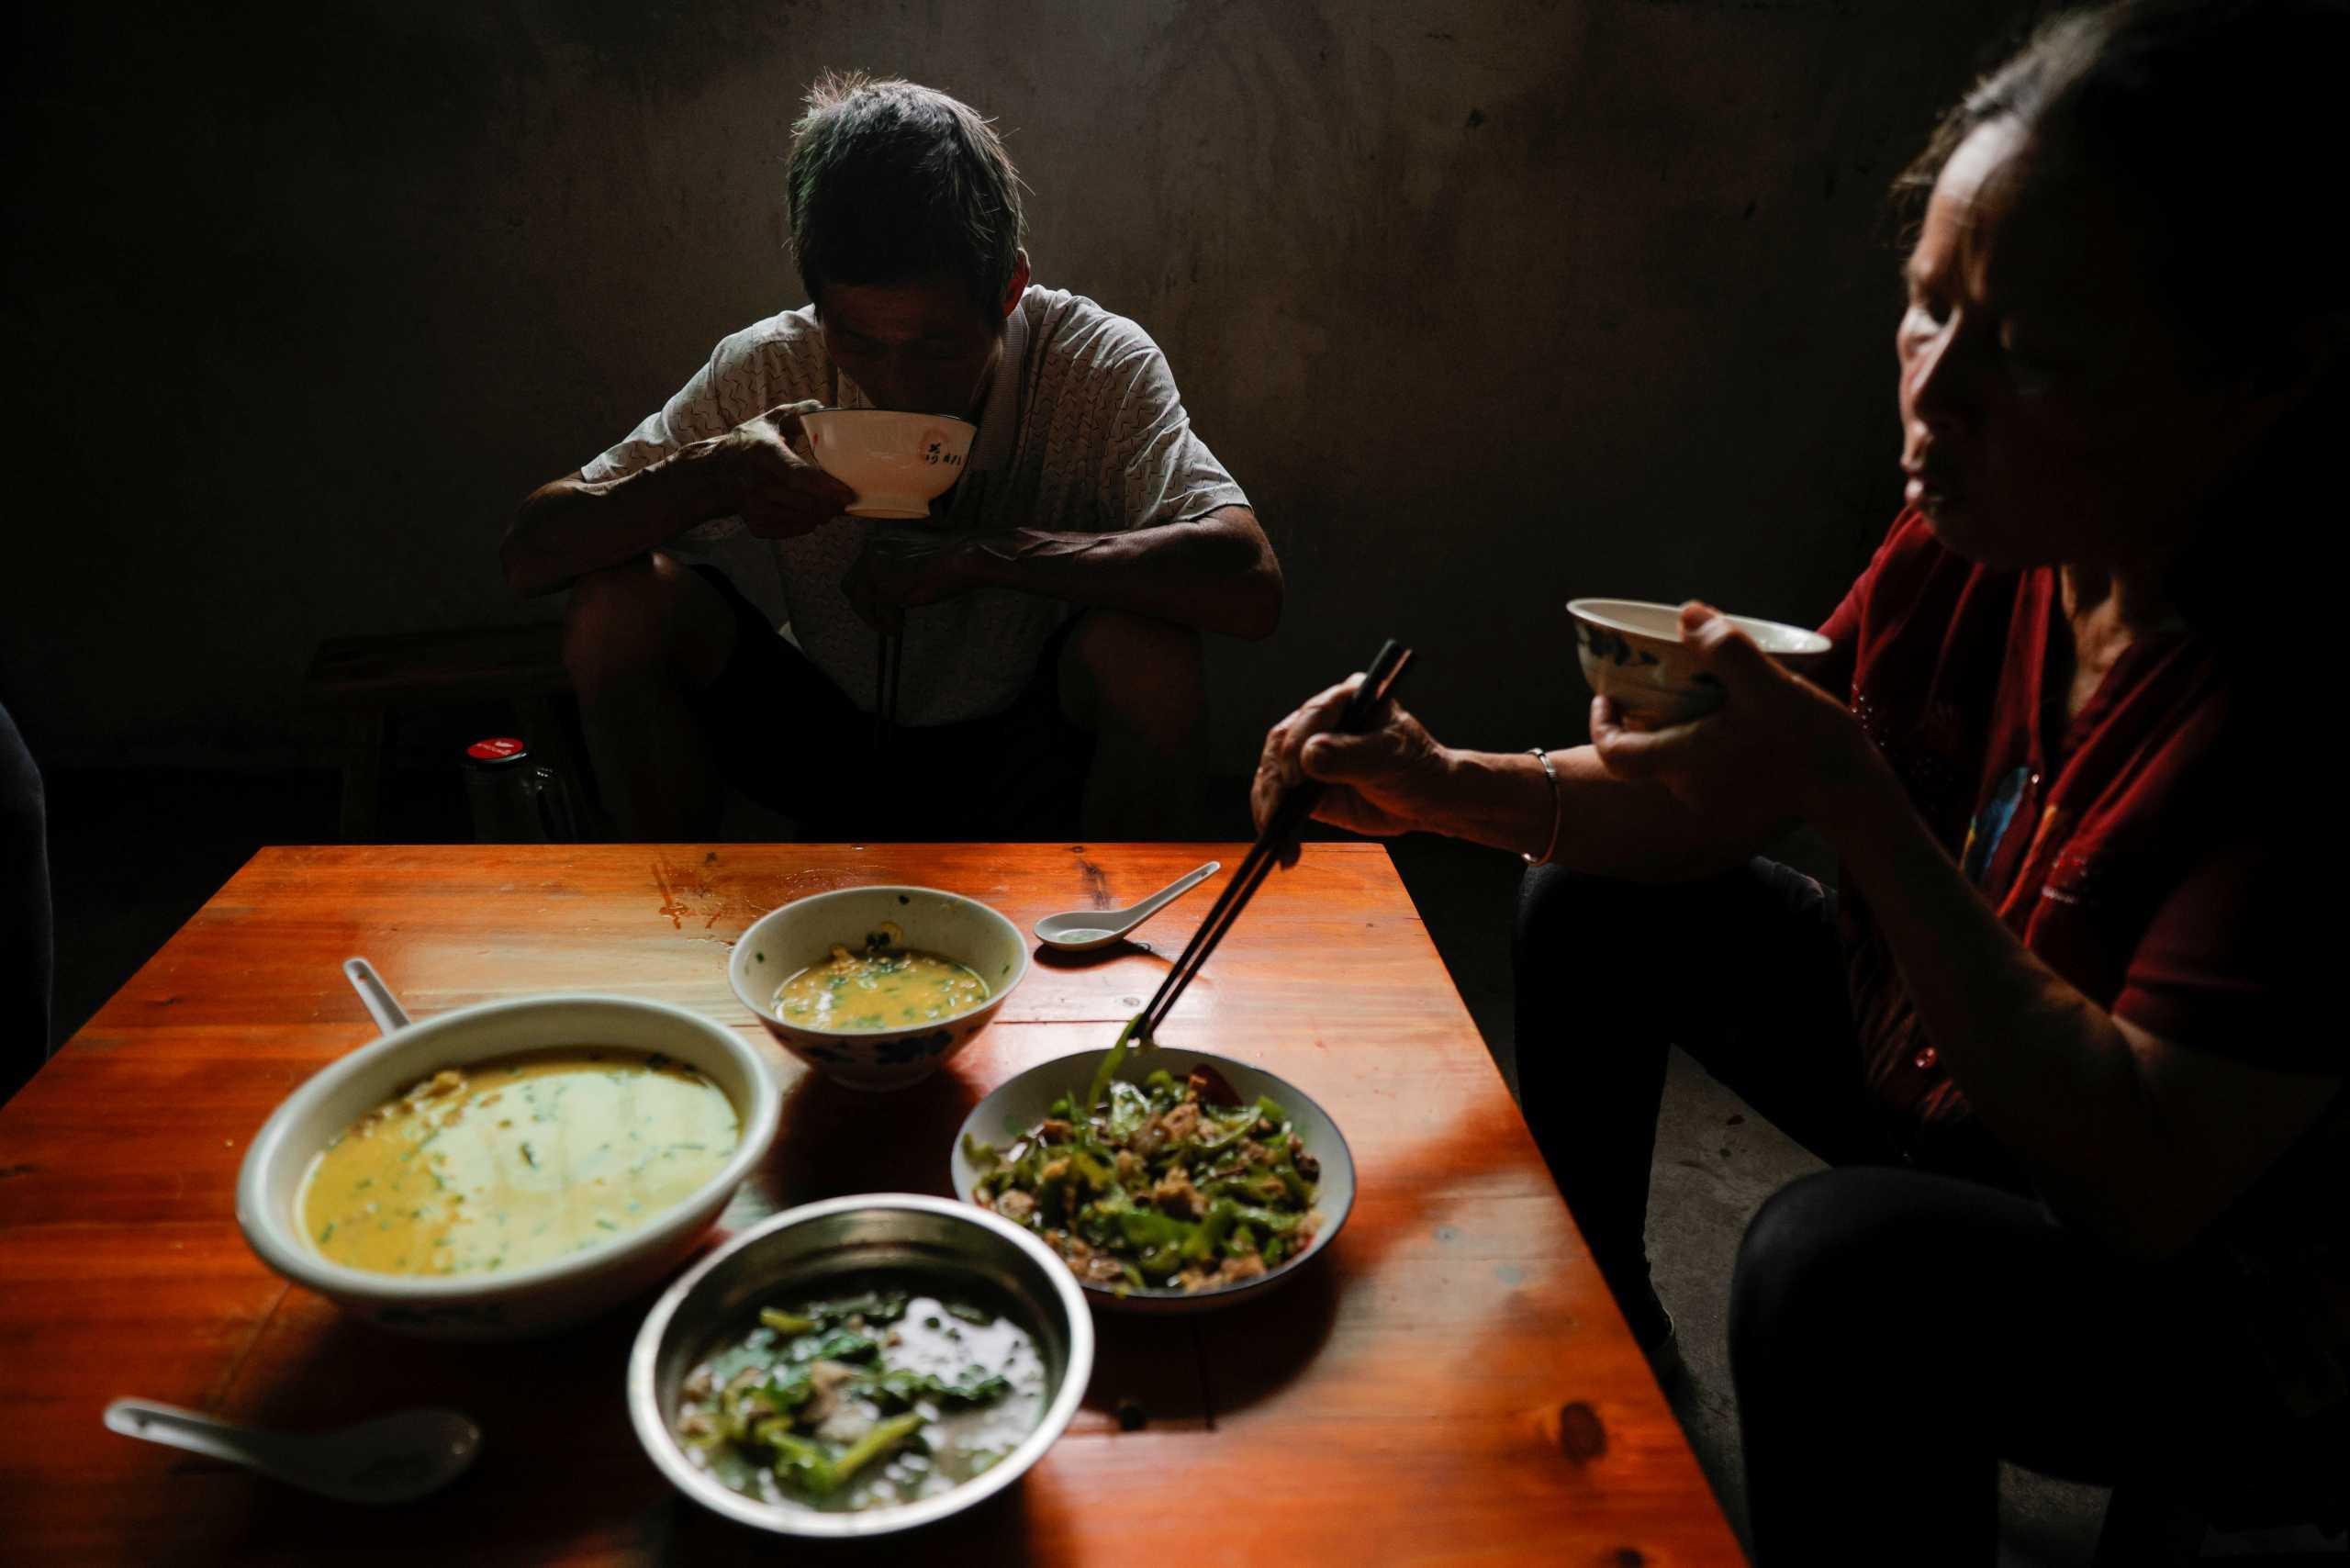 ΠΟΥ: Ζητάει να ελεγχθούν κινέζικα εργαστήρια και αγορές ζώων για να εντοπιστεί η προέλευση του κορονοϊού